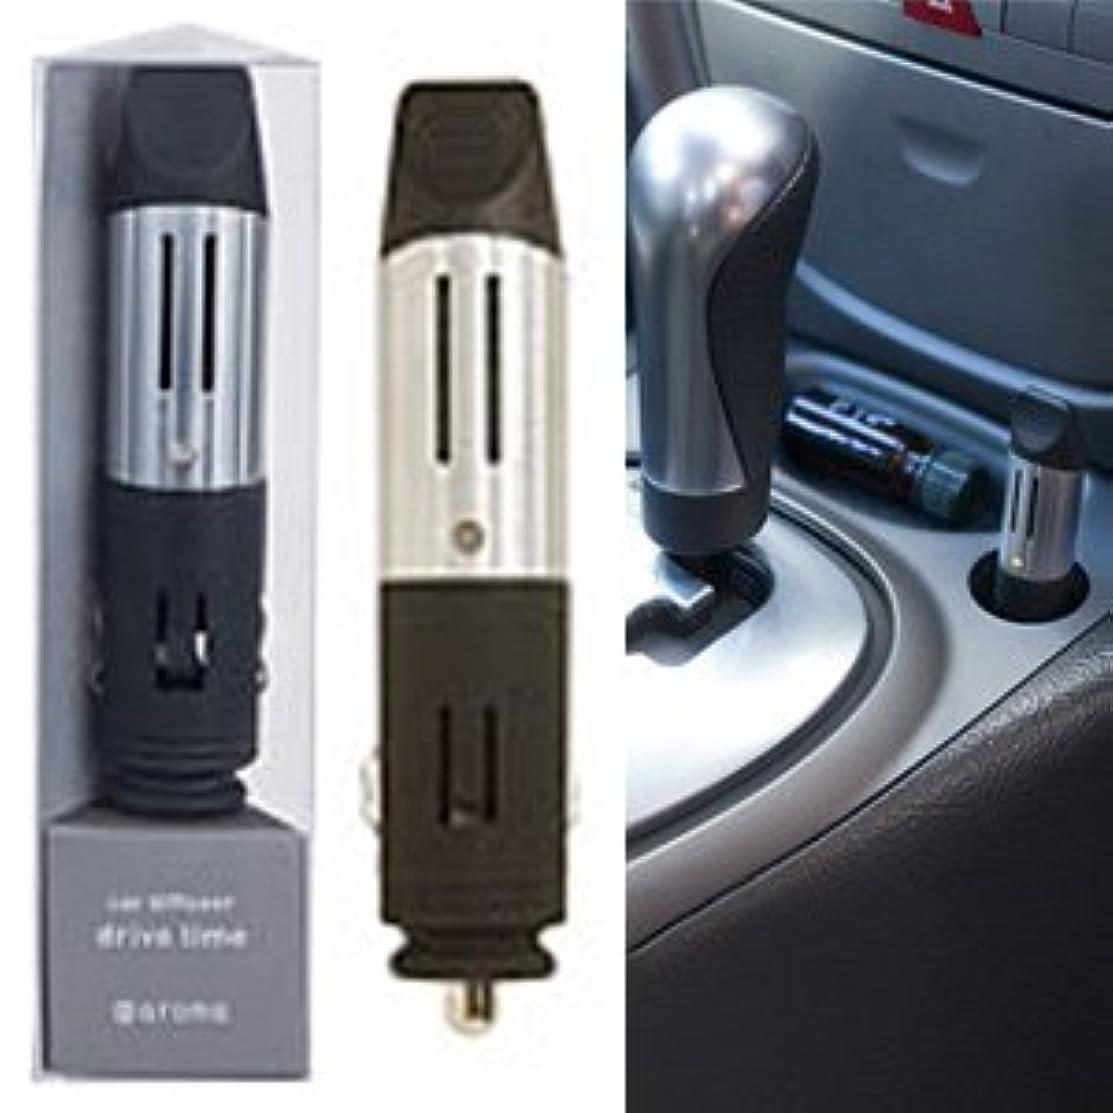 推定また車用アロマディフューザー ドライブタイム [ソケットタイプ/DC12V電源] カラー:シルバー